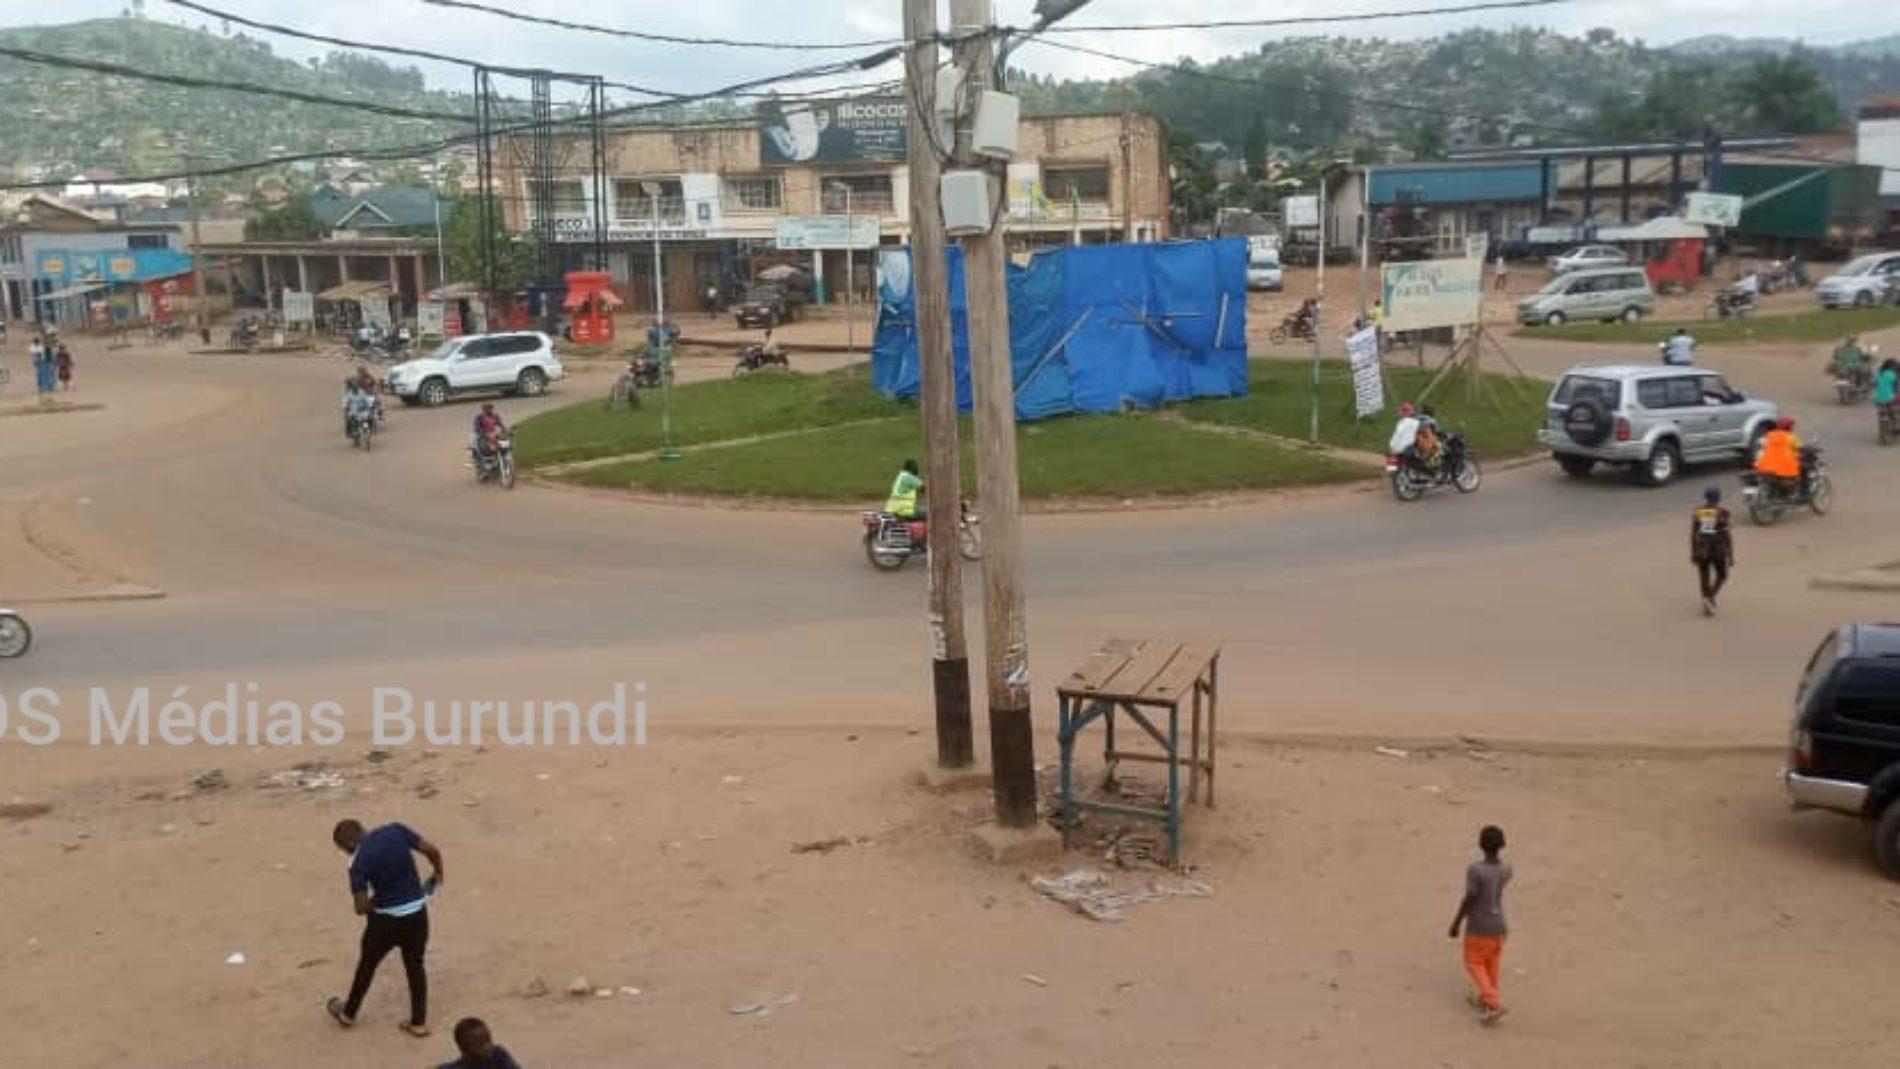 Beni (RDC) : trois personnes tuées à Ratshangbele